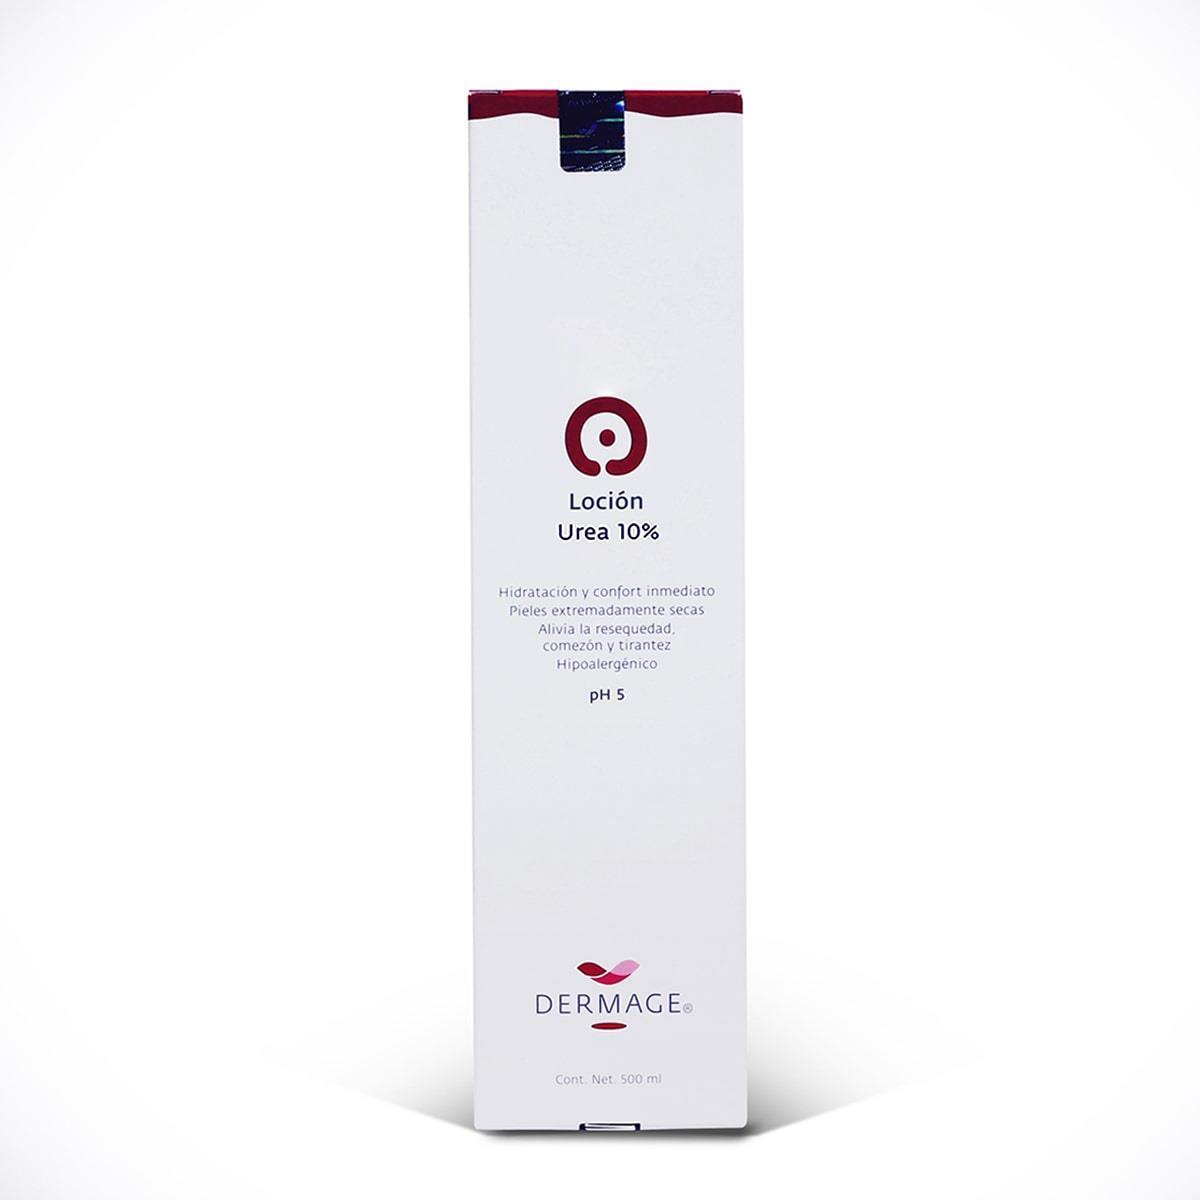 Limpieza, hidratación y protección de la piel sensible, intolerante o atópica para la higiene corporal diaria.< br/><br/>Envase con 500ml